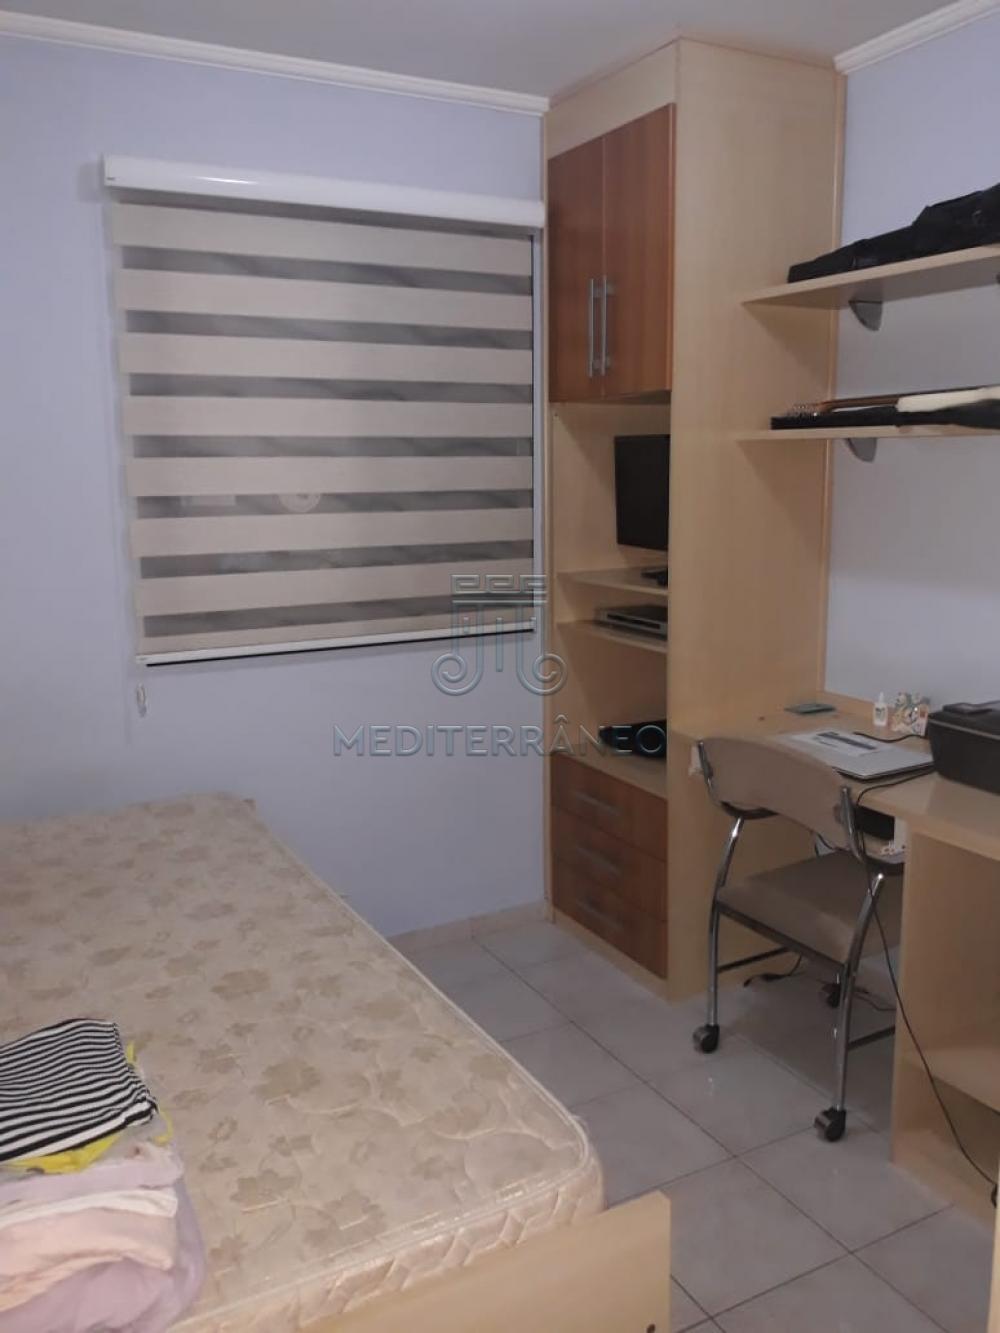 Comprar Apartamento / Padrão em Jundiaí apenas R$ 520.000,00 - Foto 9